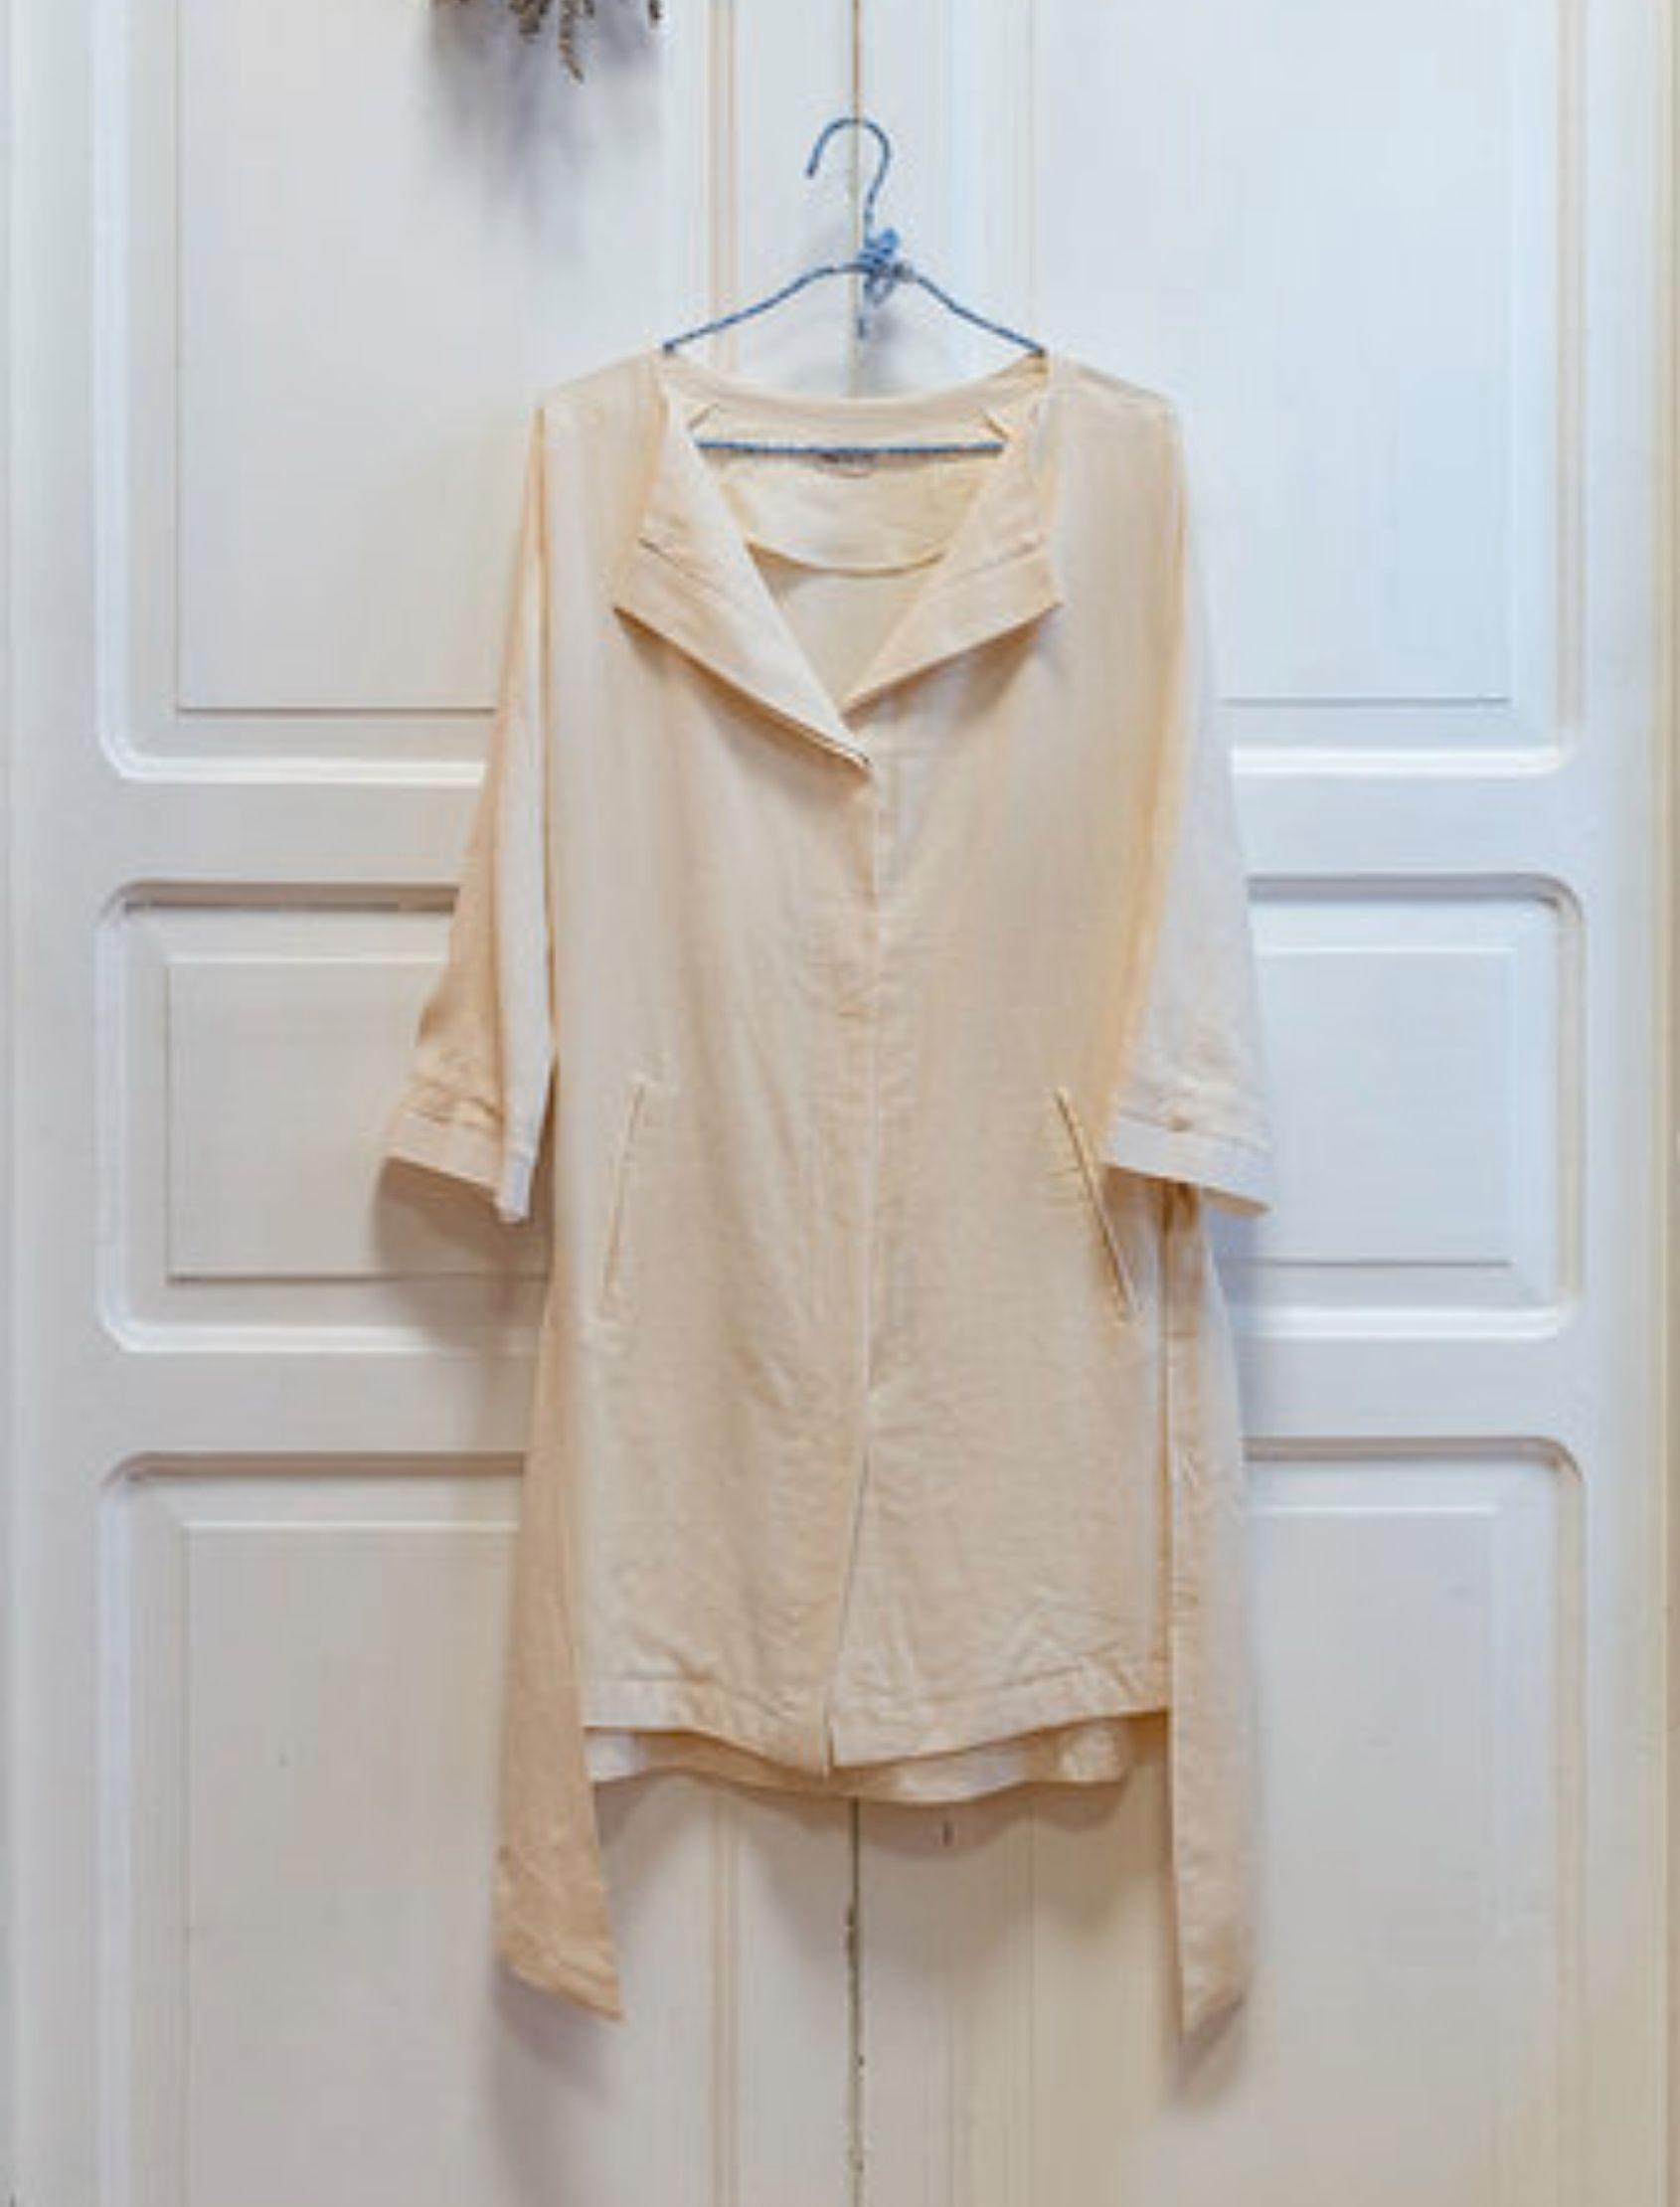 abrigo de mujer modelo canvas en color crudo de la marca mi&co